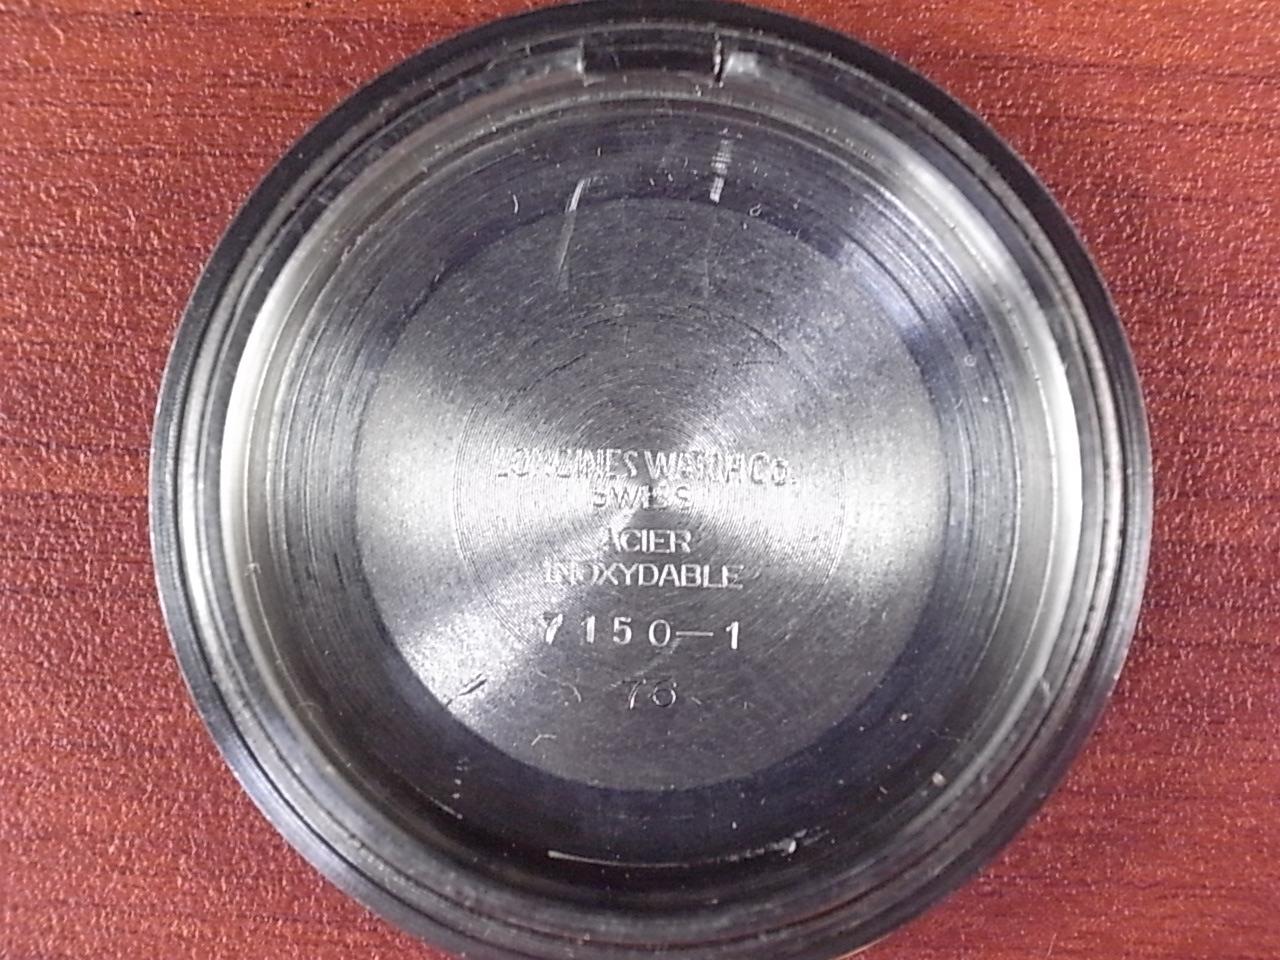 ロンジン レジェンドダイバー オリジナル ブラックミラー トロピックバンド 1960年代の写真6枚目